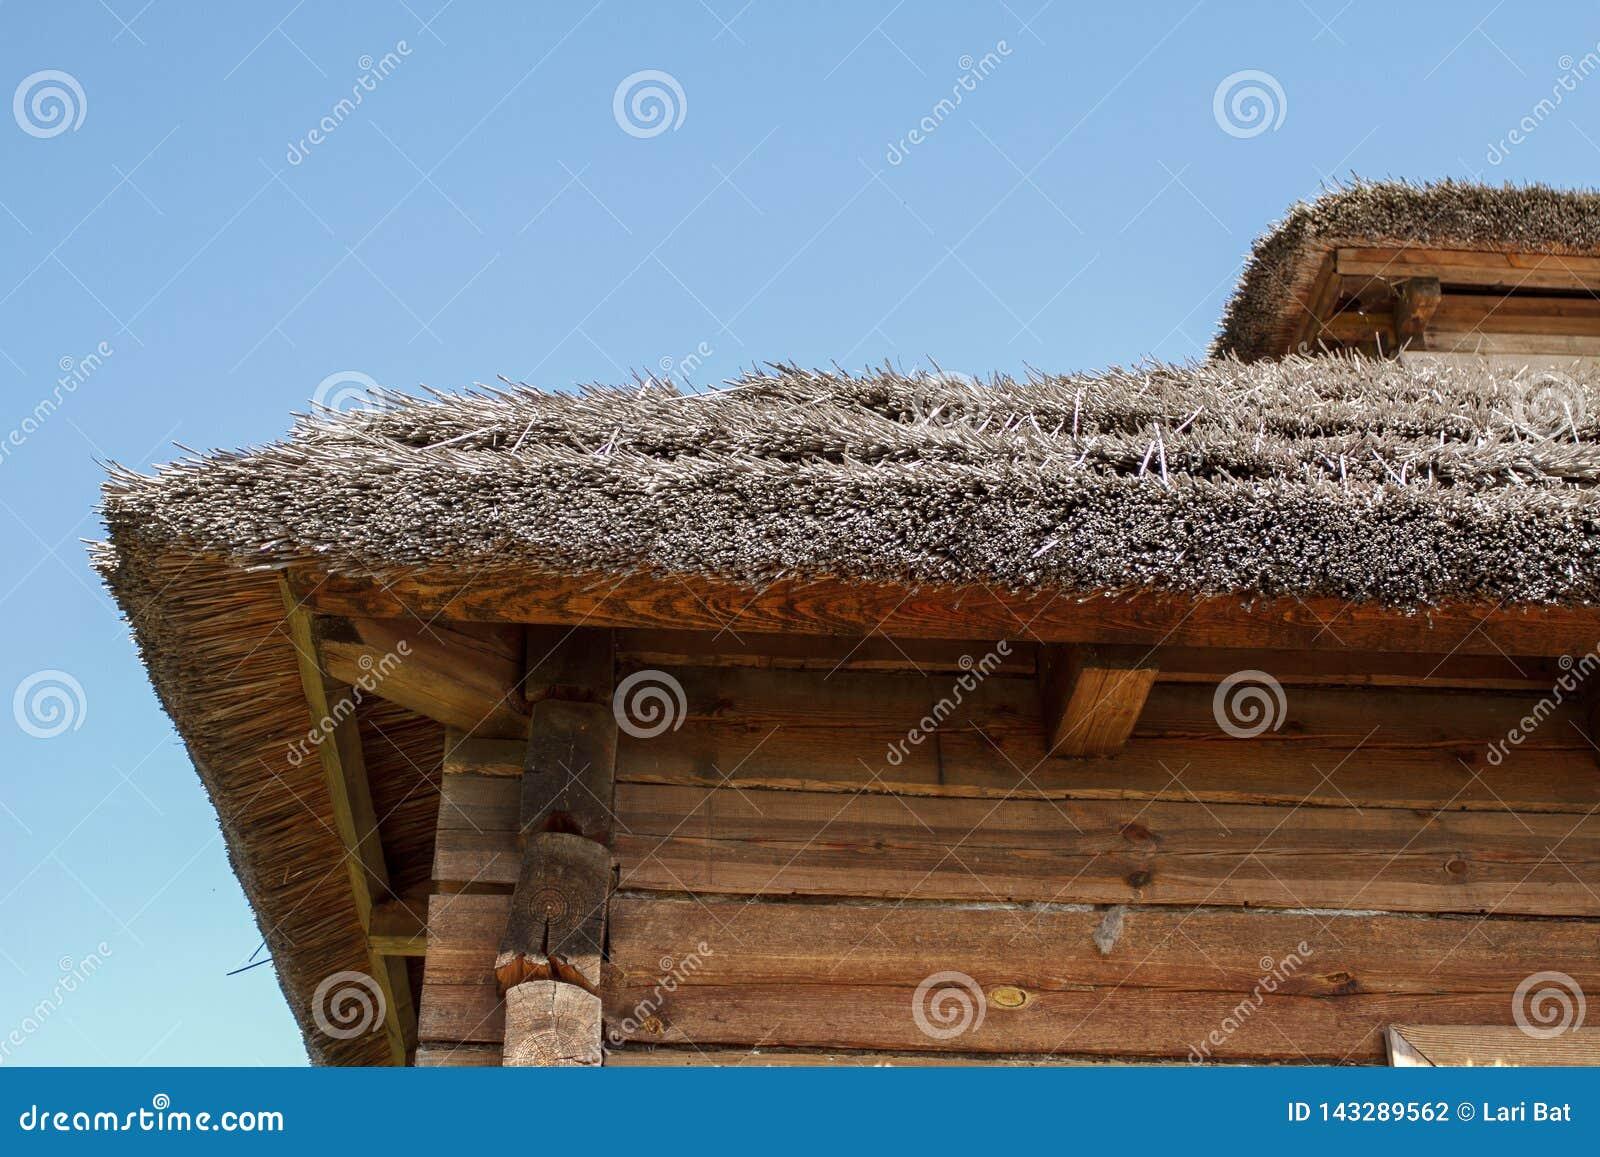 Στέγη Thatched ενός παραδοσιακού της Λευκορωσίας του χωριού σπιτιού